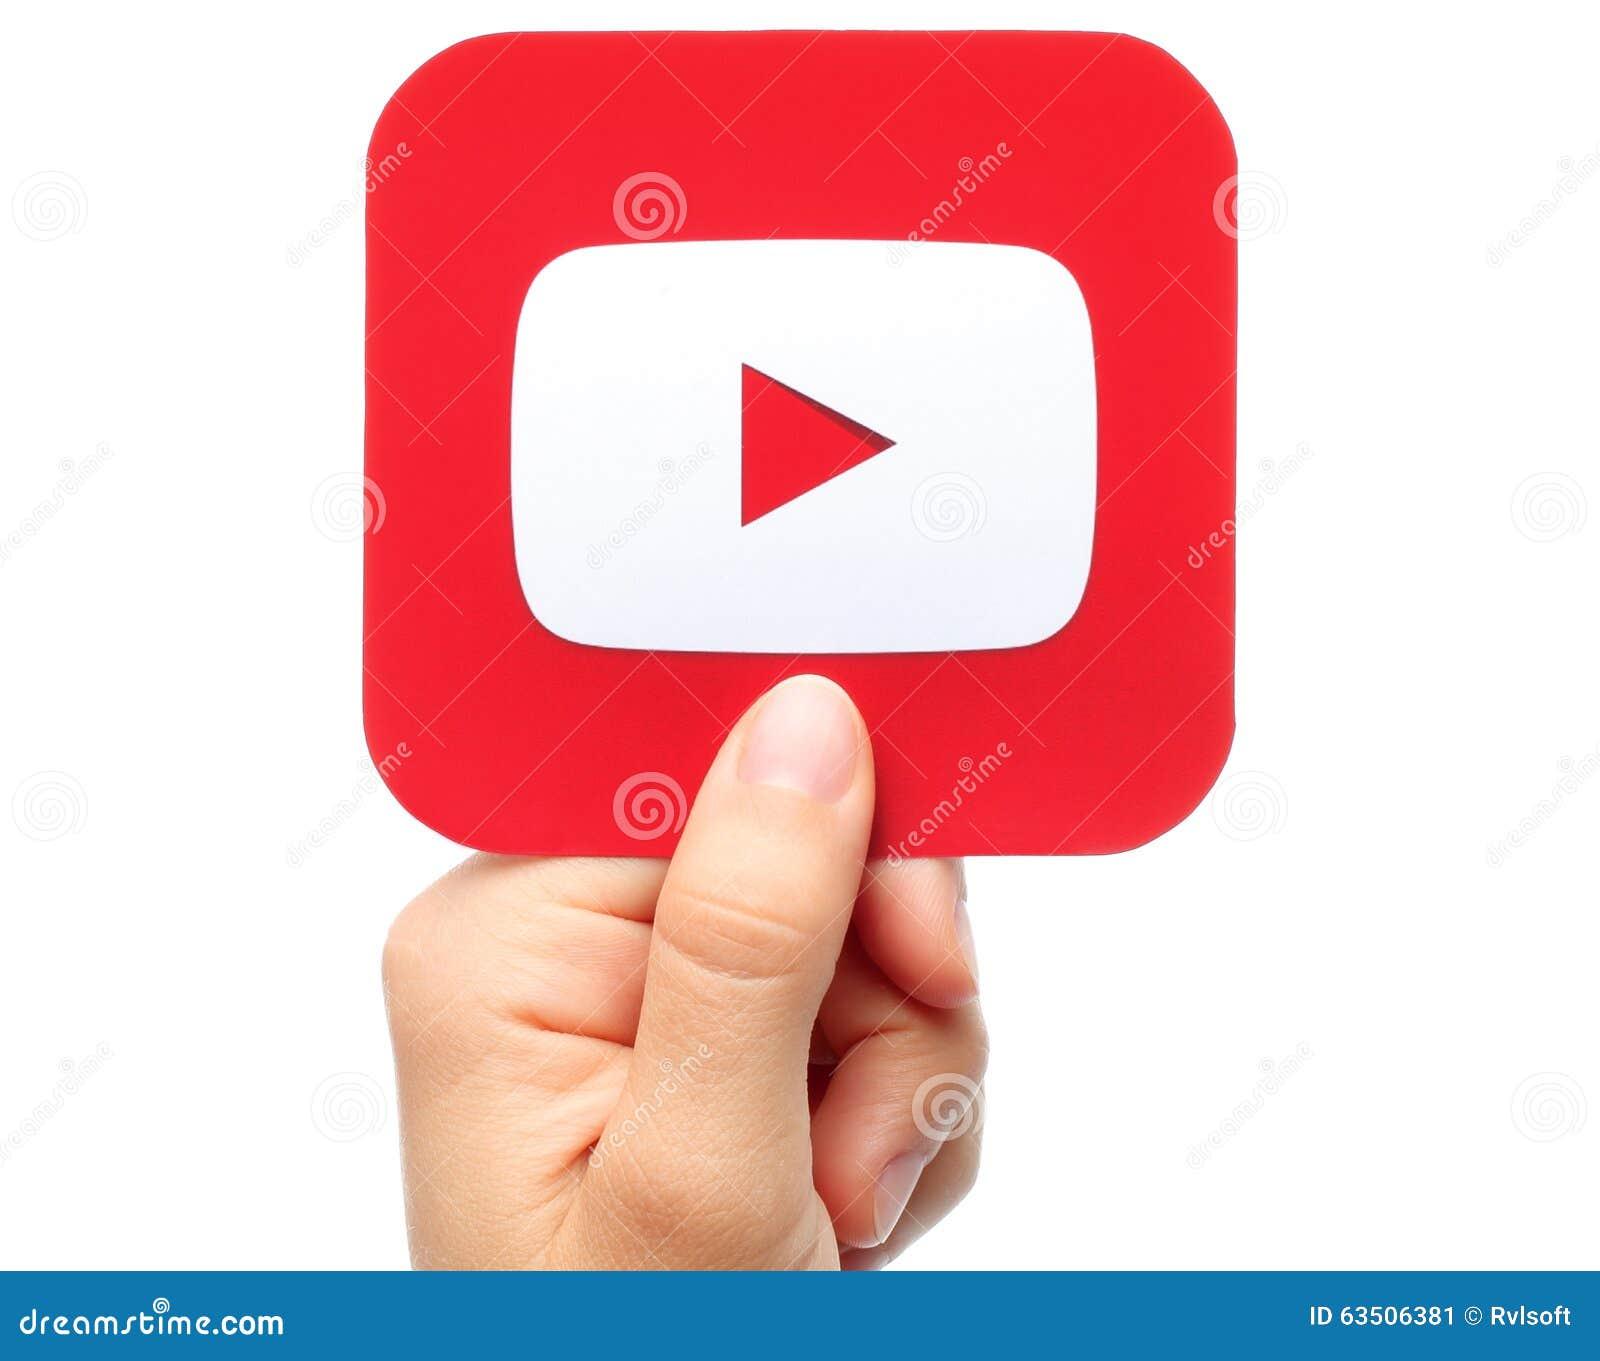 La mano lleva a cabo el icono de YouTube